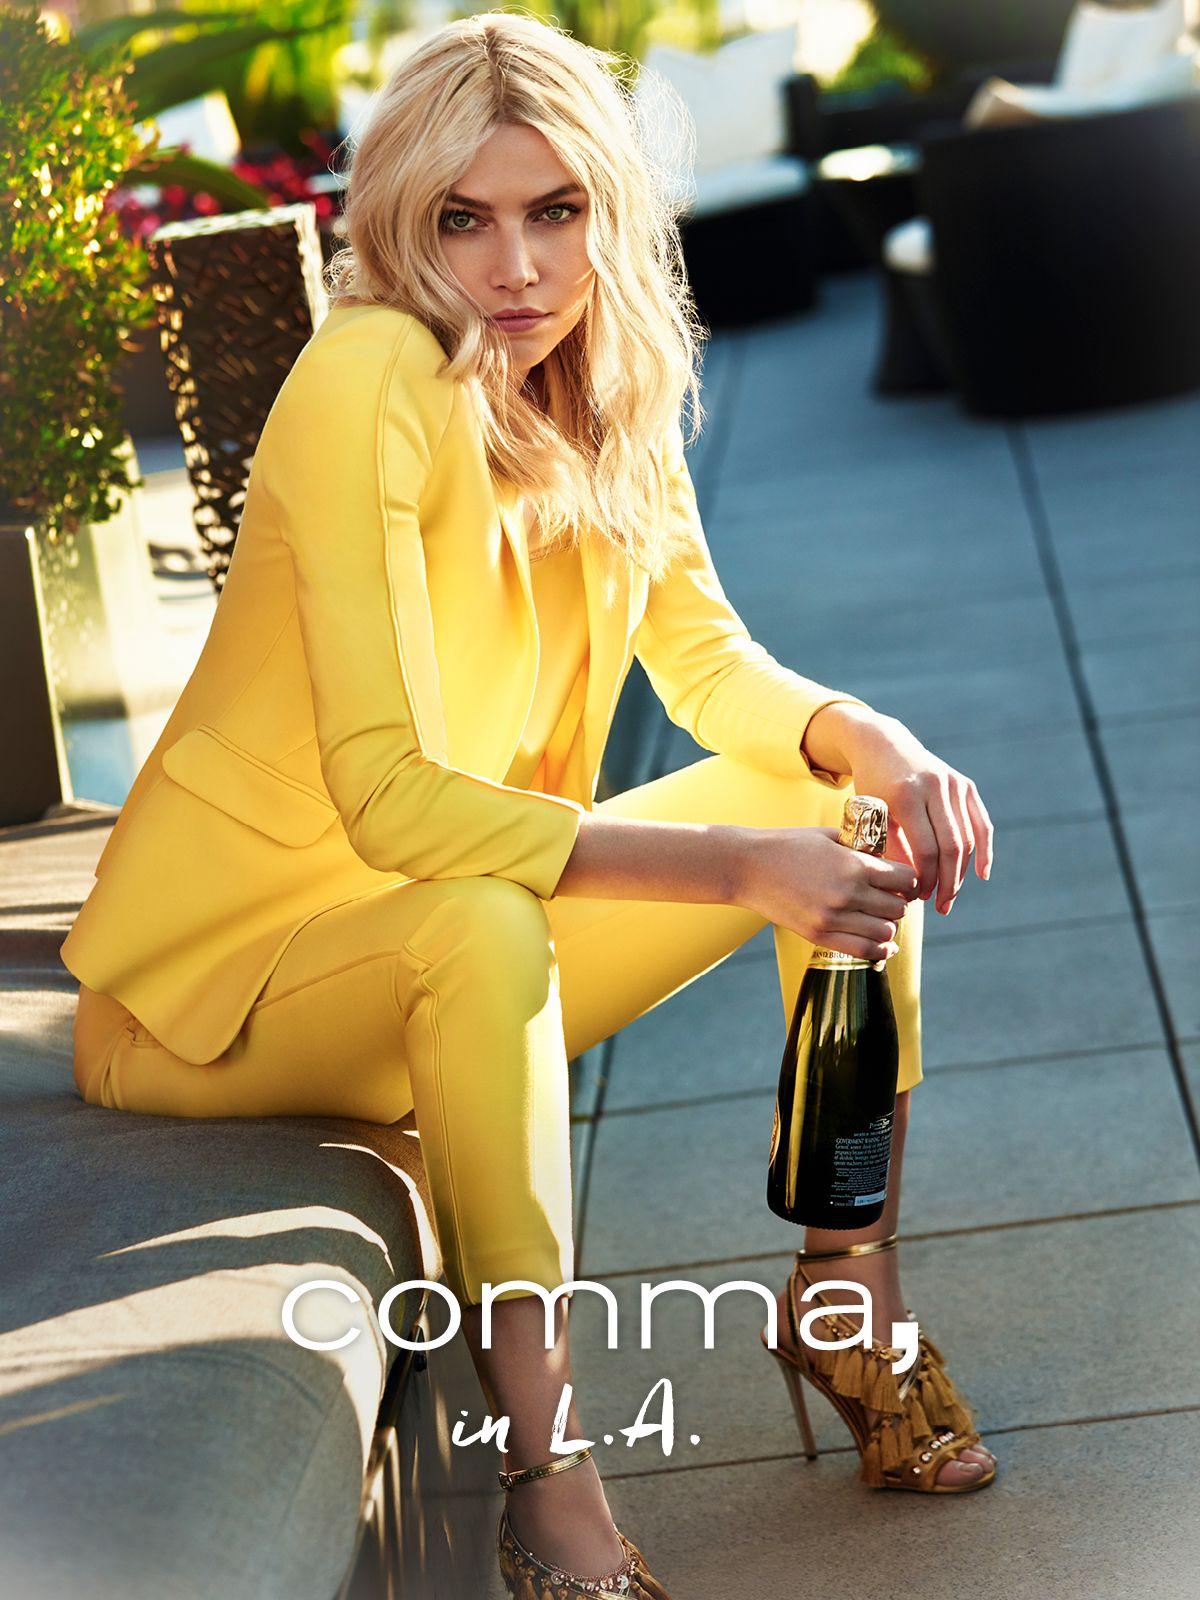 comma fashion | SpringSummer 2019 | comma in L.A.